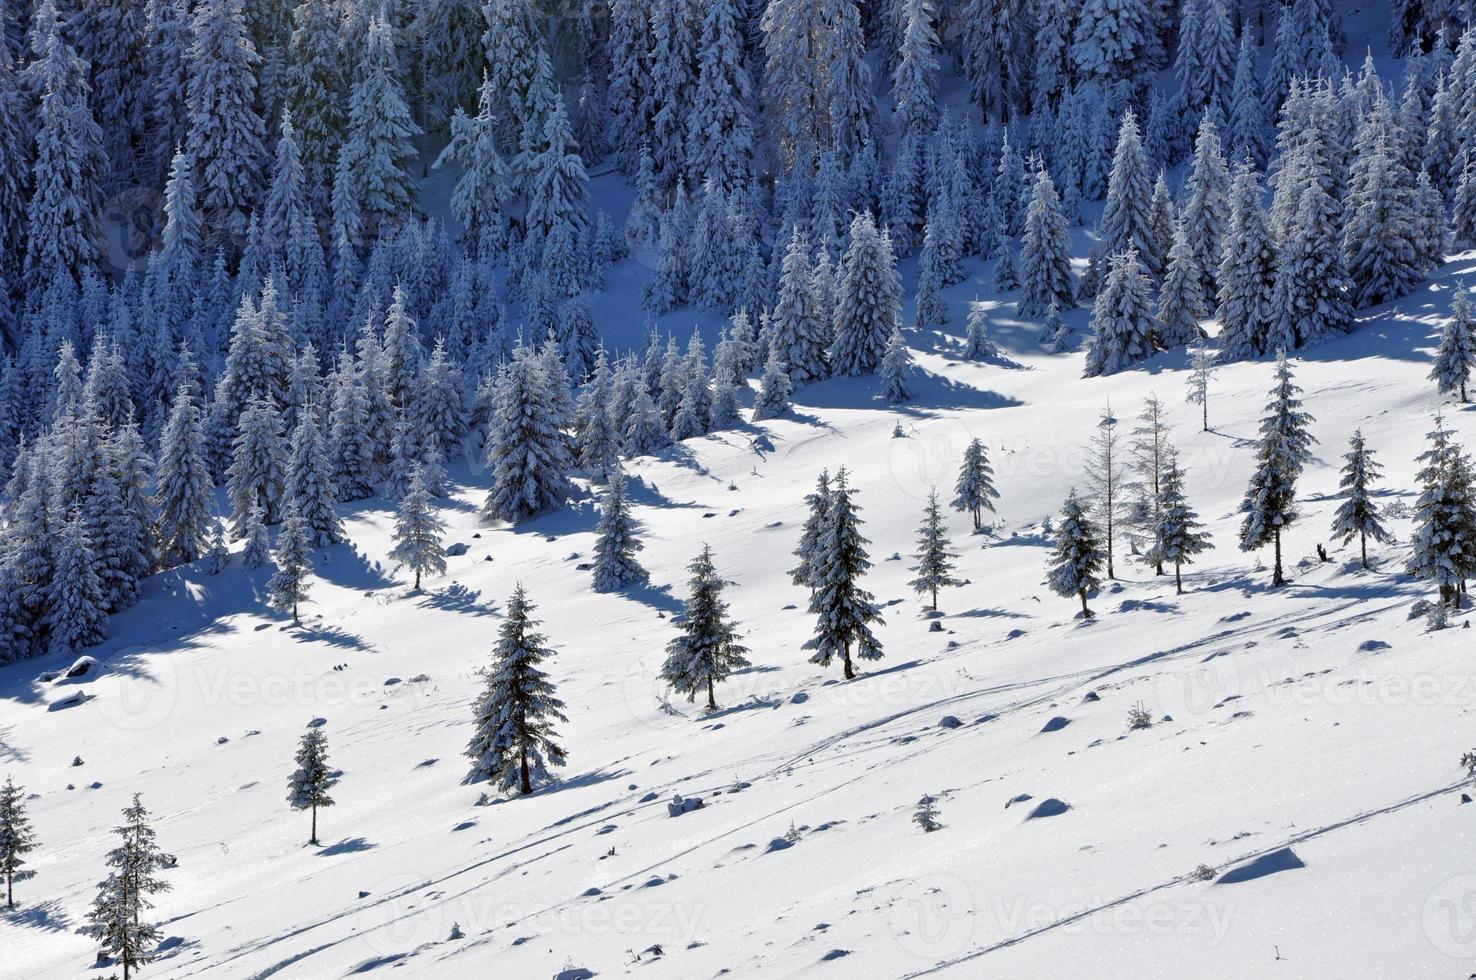 épicéas enneigés dans les montagnes photo